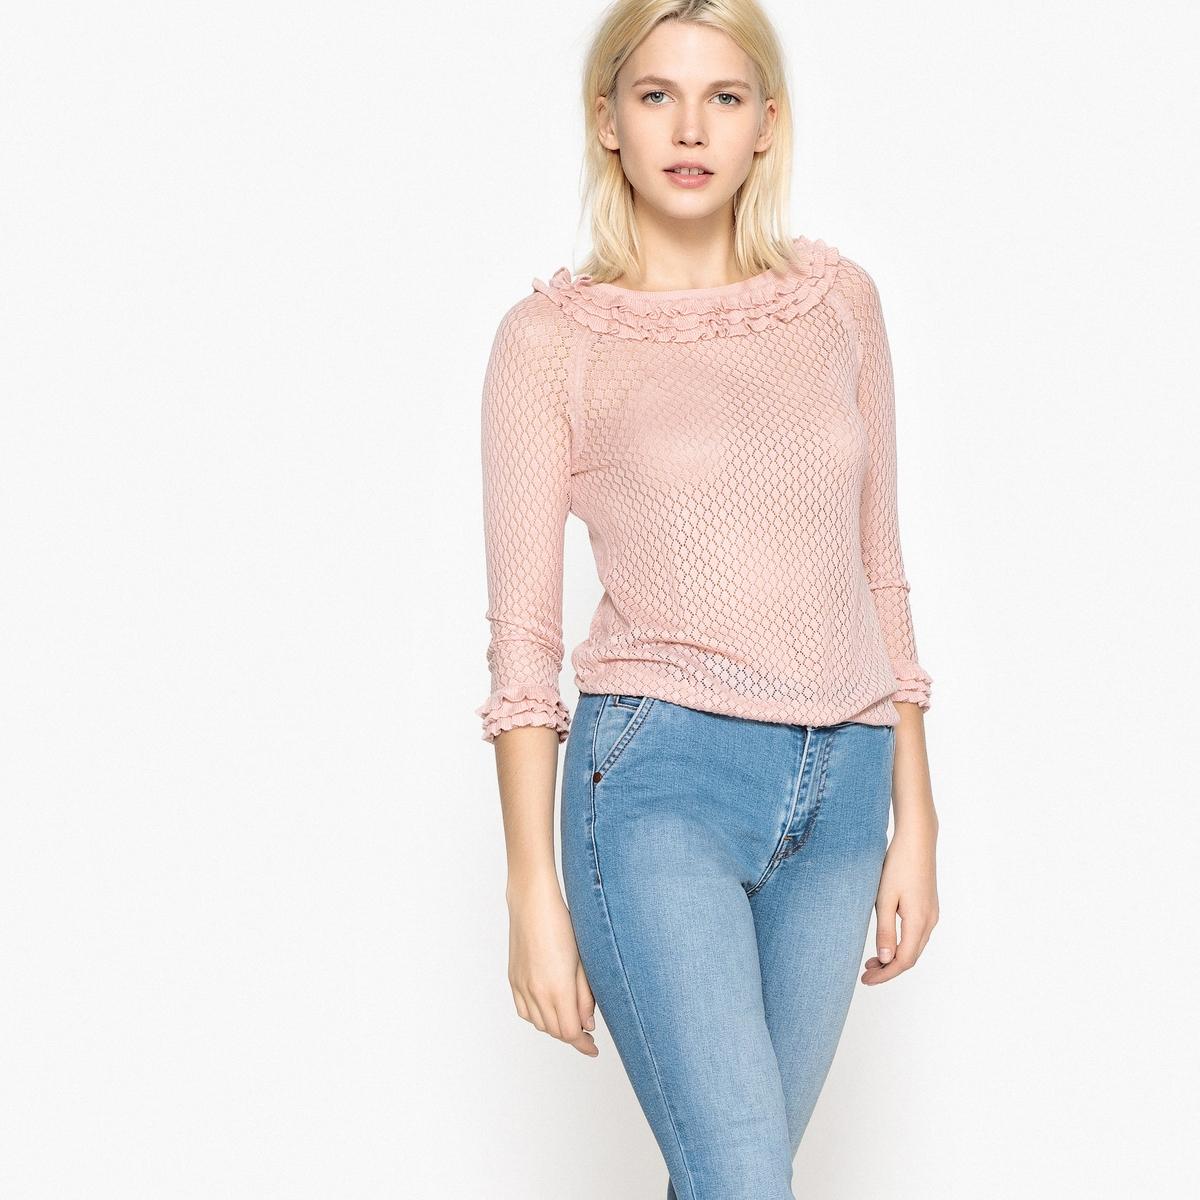 Пуловер La Redoute С вырезом-лодочкой с воланами из ажурного трикотажа S розовый наволочка la redoute из хлопковой перкали aricha 50 x 70 см розовый